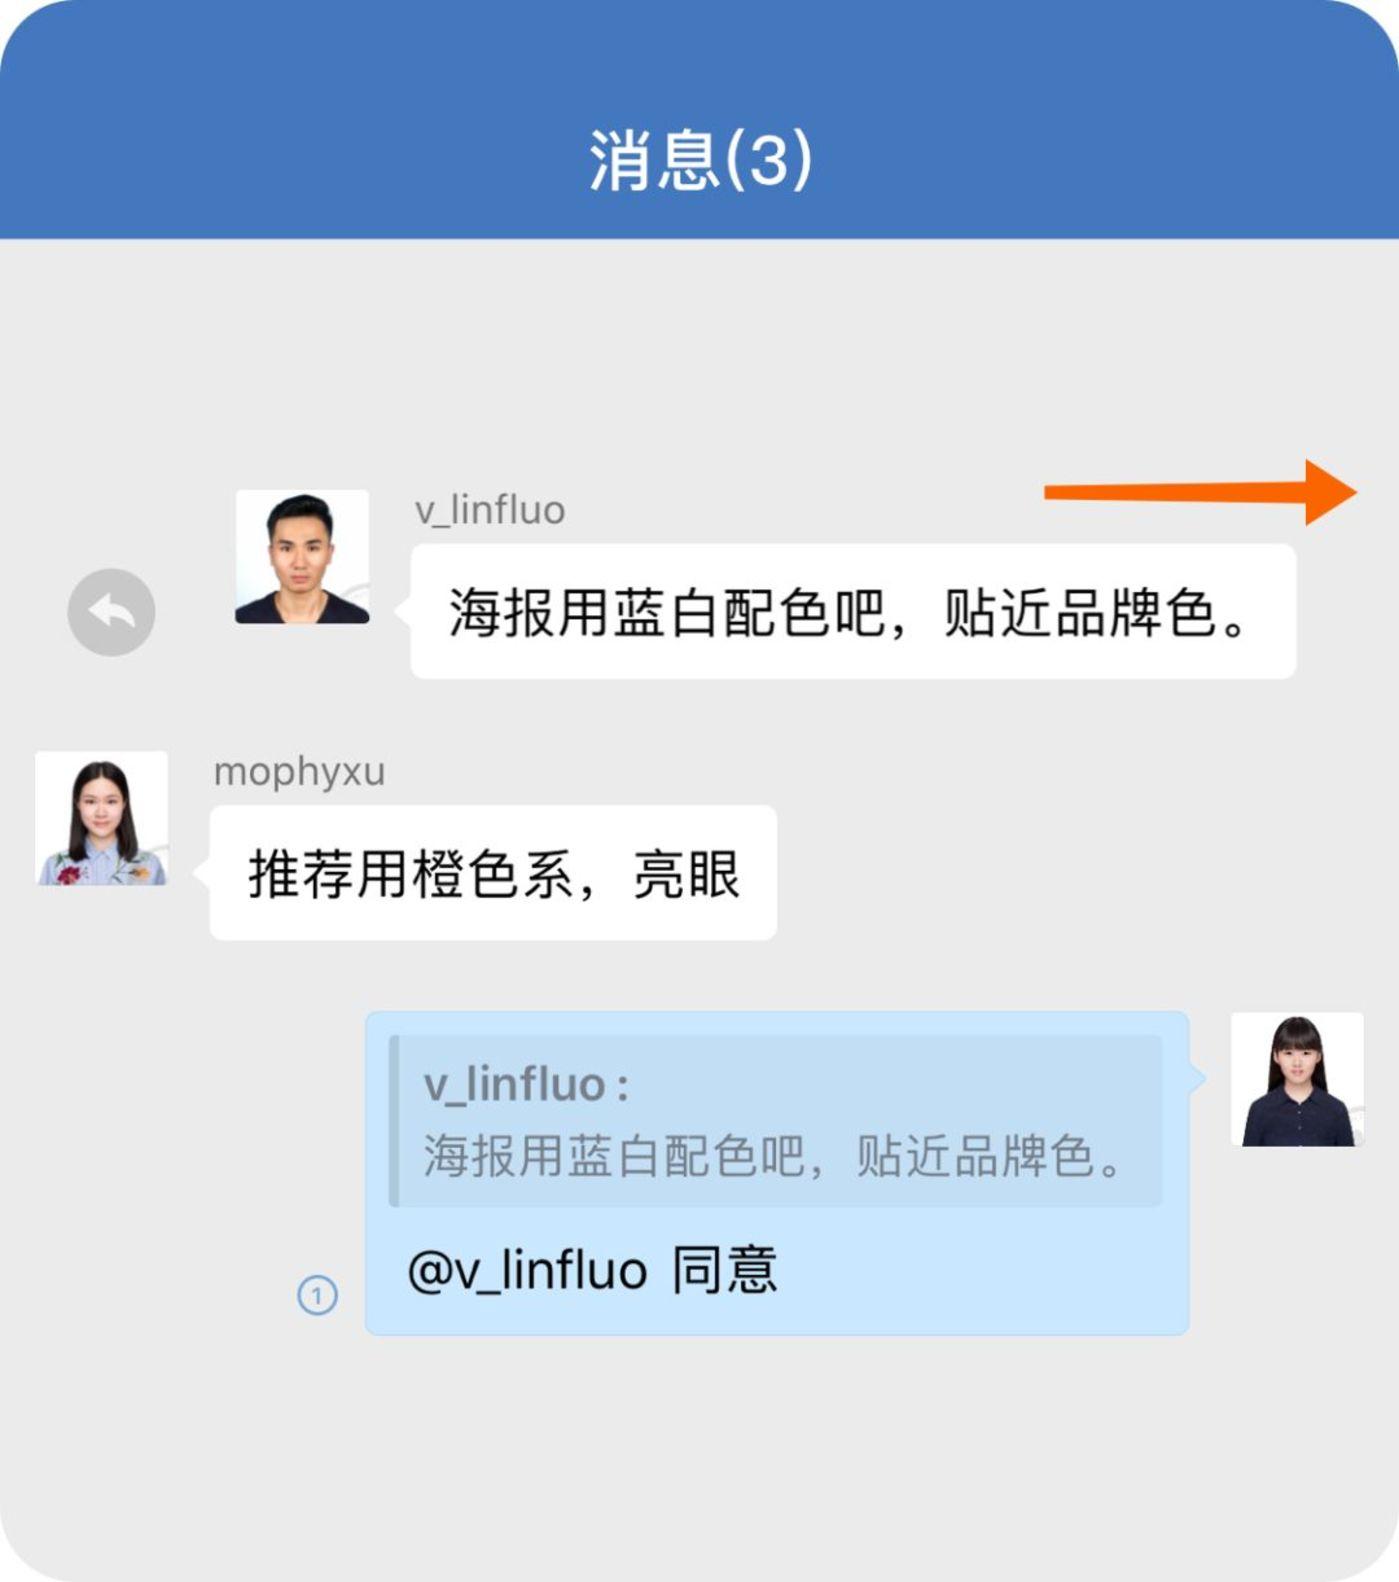 企业微信中可以直接选择针对对话回复